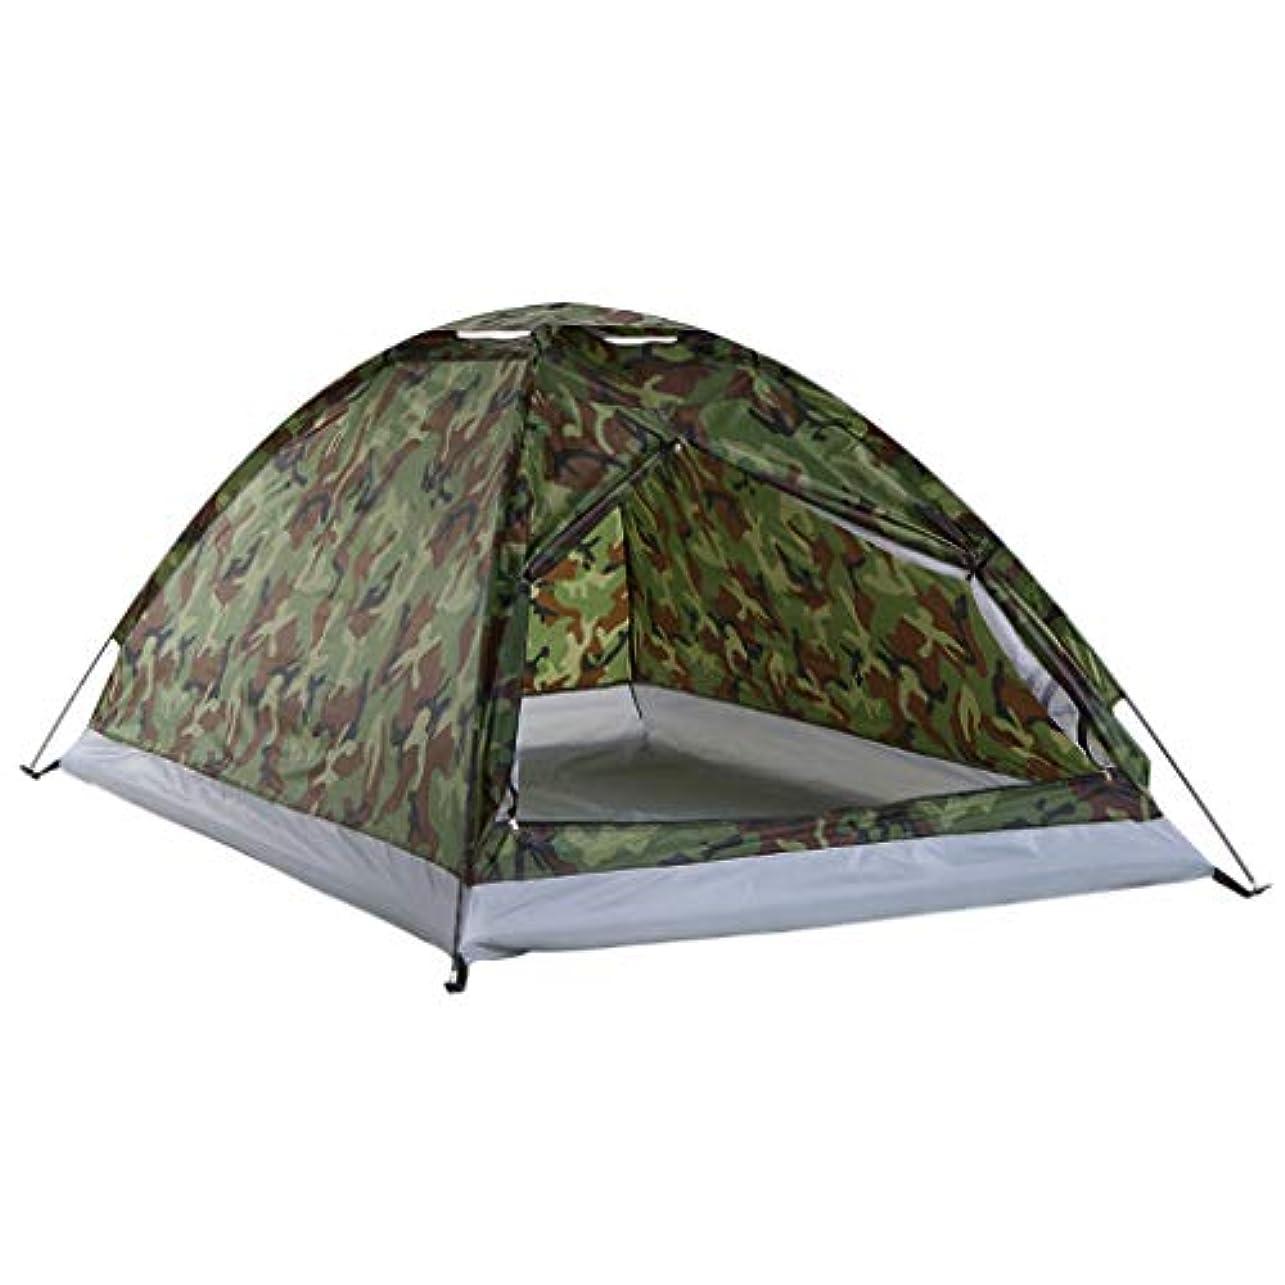 疲れた毒性にぎやかテント、旅行ビーチをハイキングするためのキャリーバッグカモフラージュ付き超軽量屋外キャンプテント